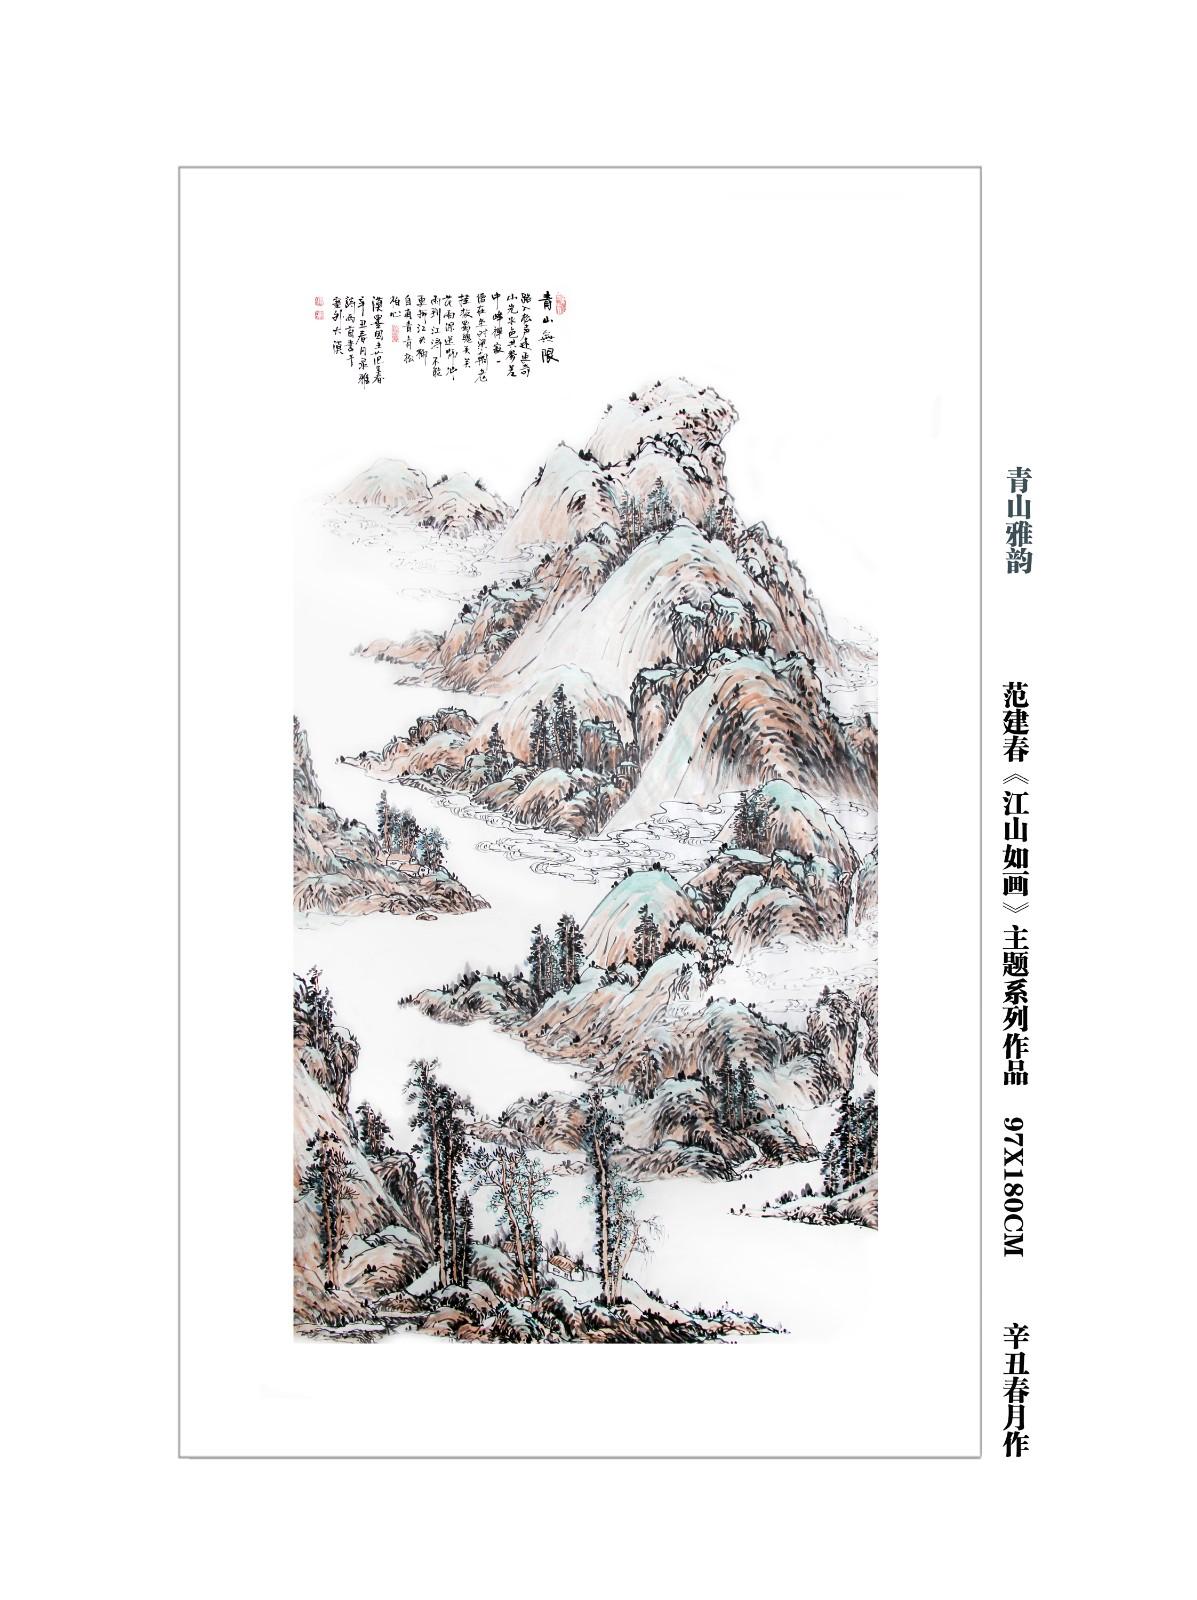 范建春《江山如画》系列国画作品_图1-5